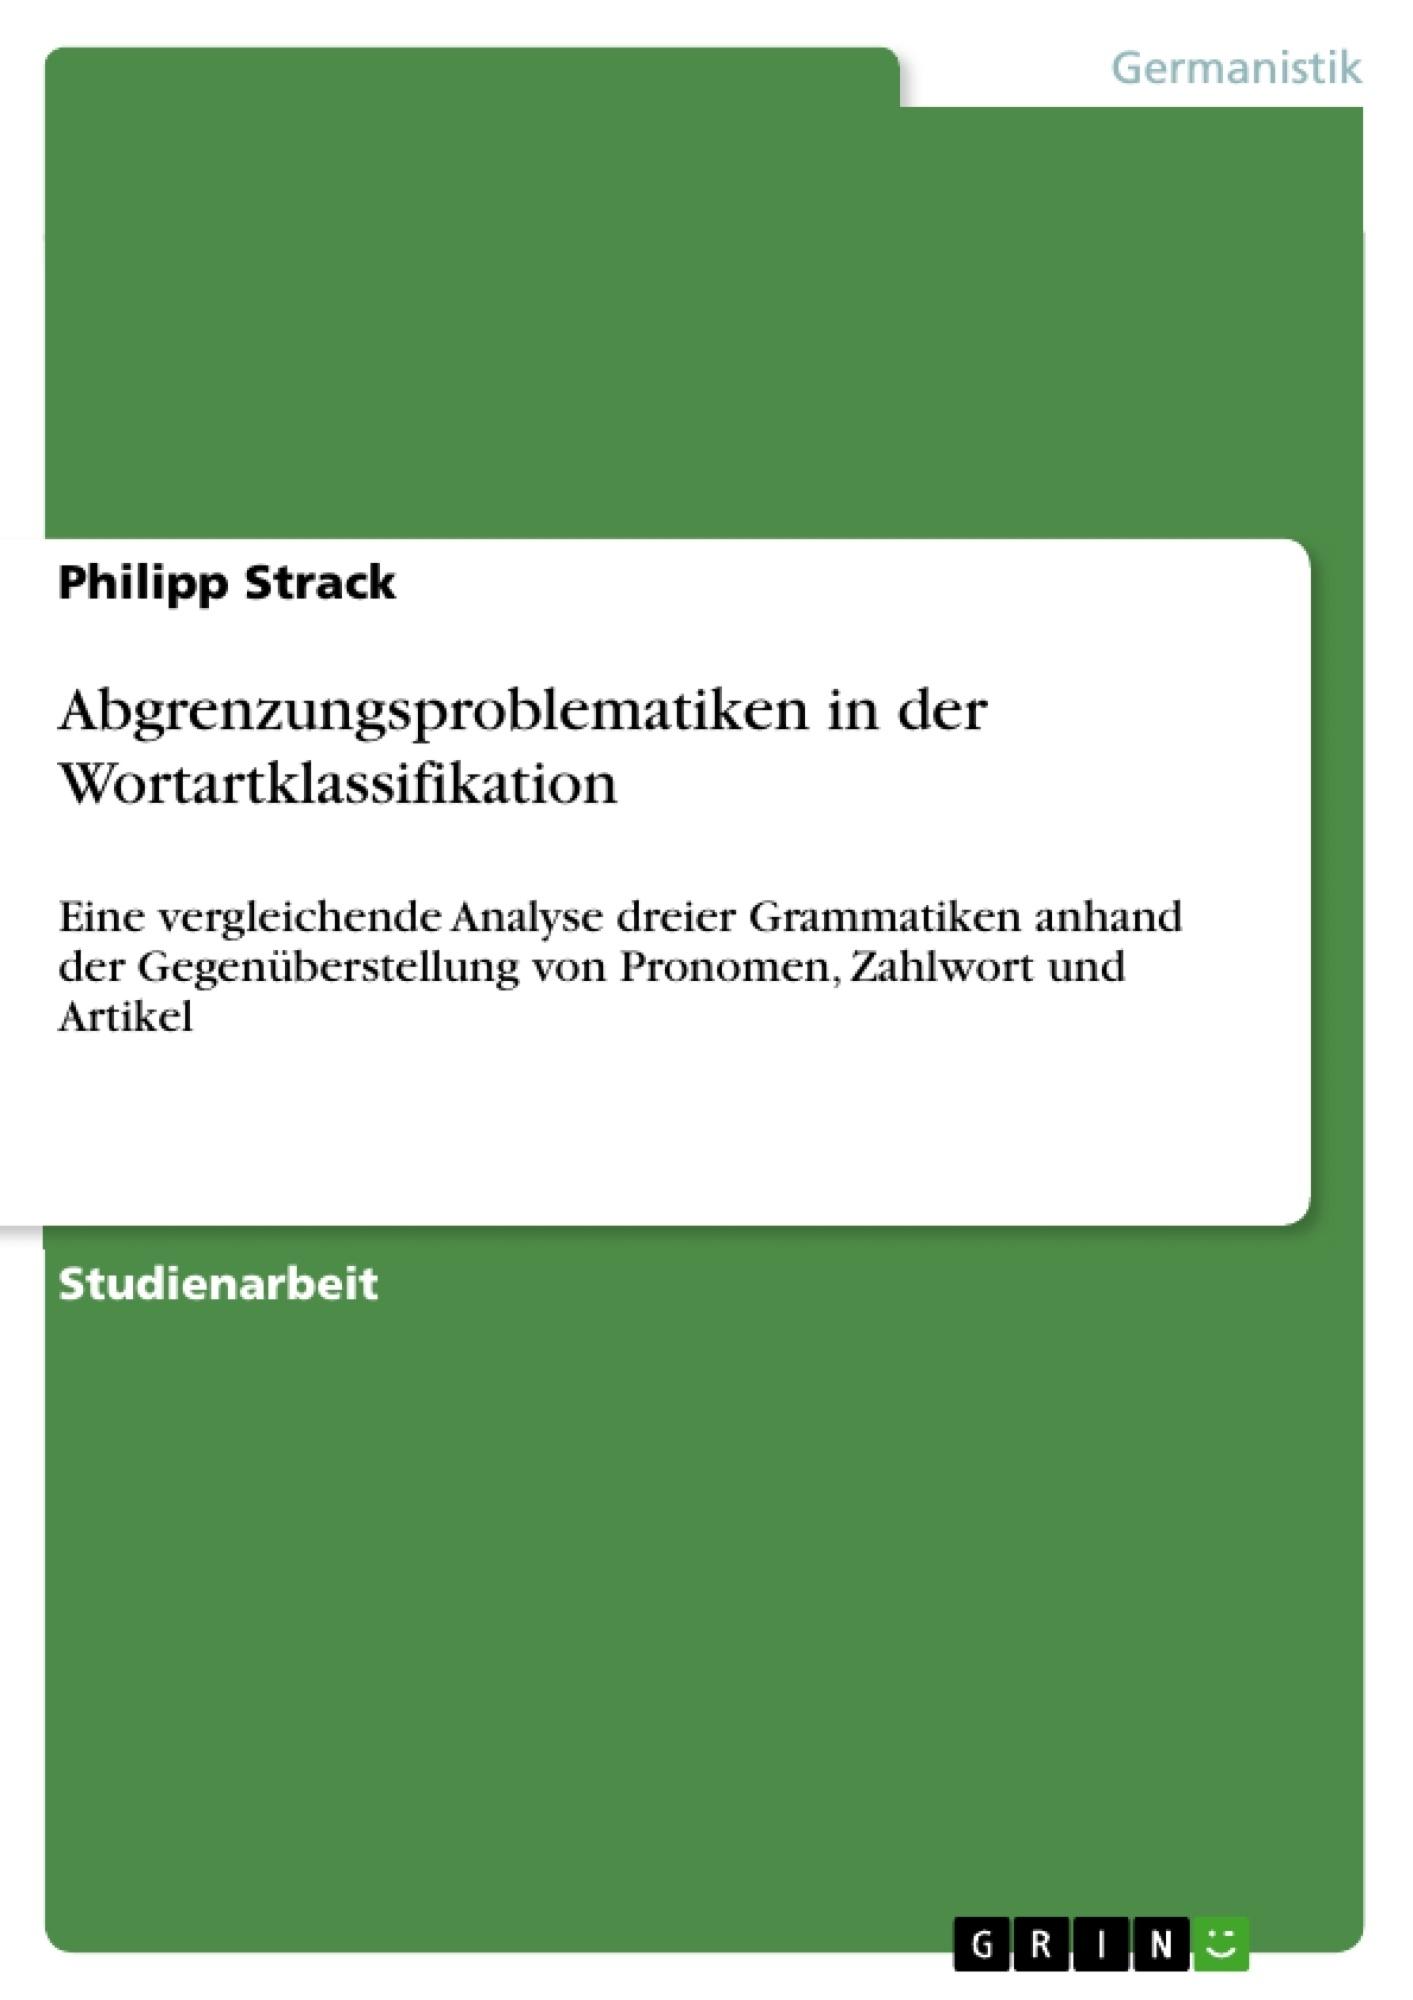 Titel: Abgrenzungsproblematiken in der Wortartklassifikation